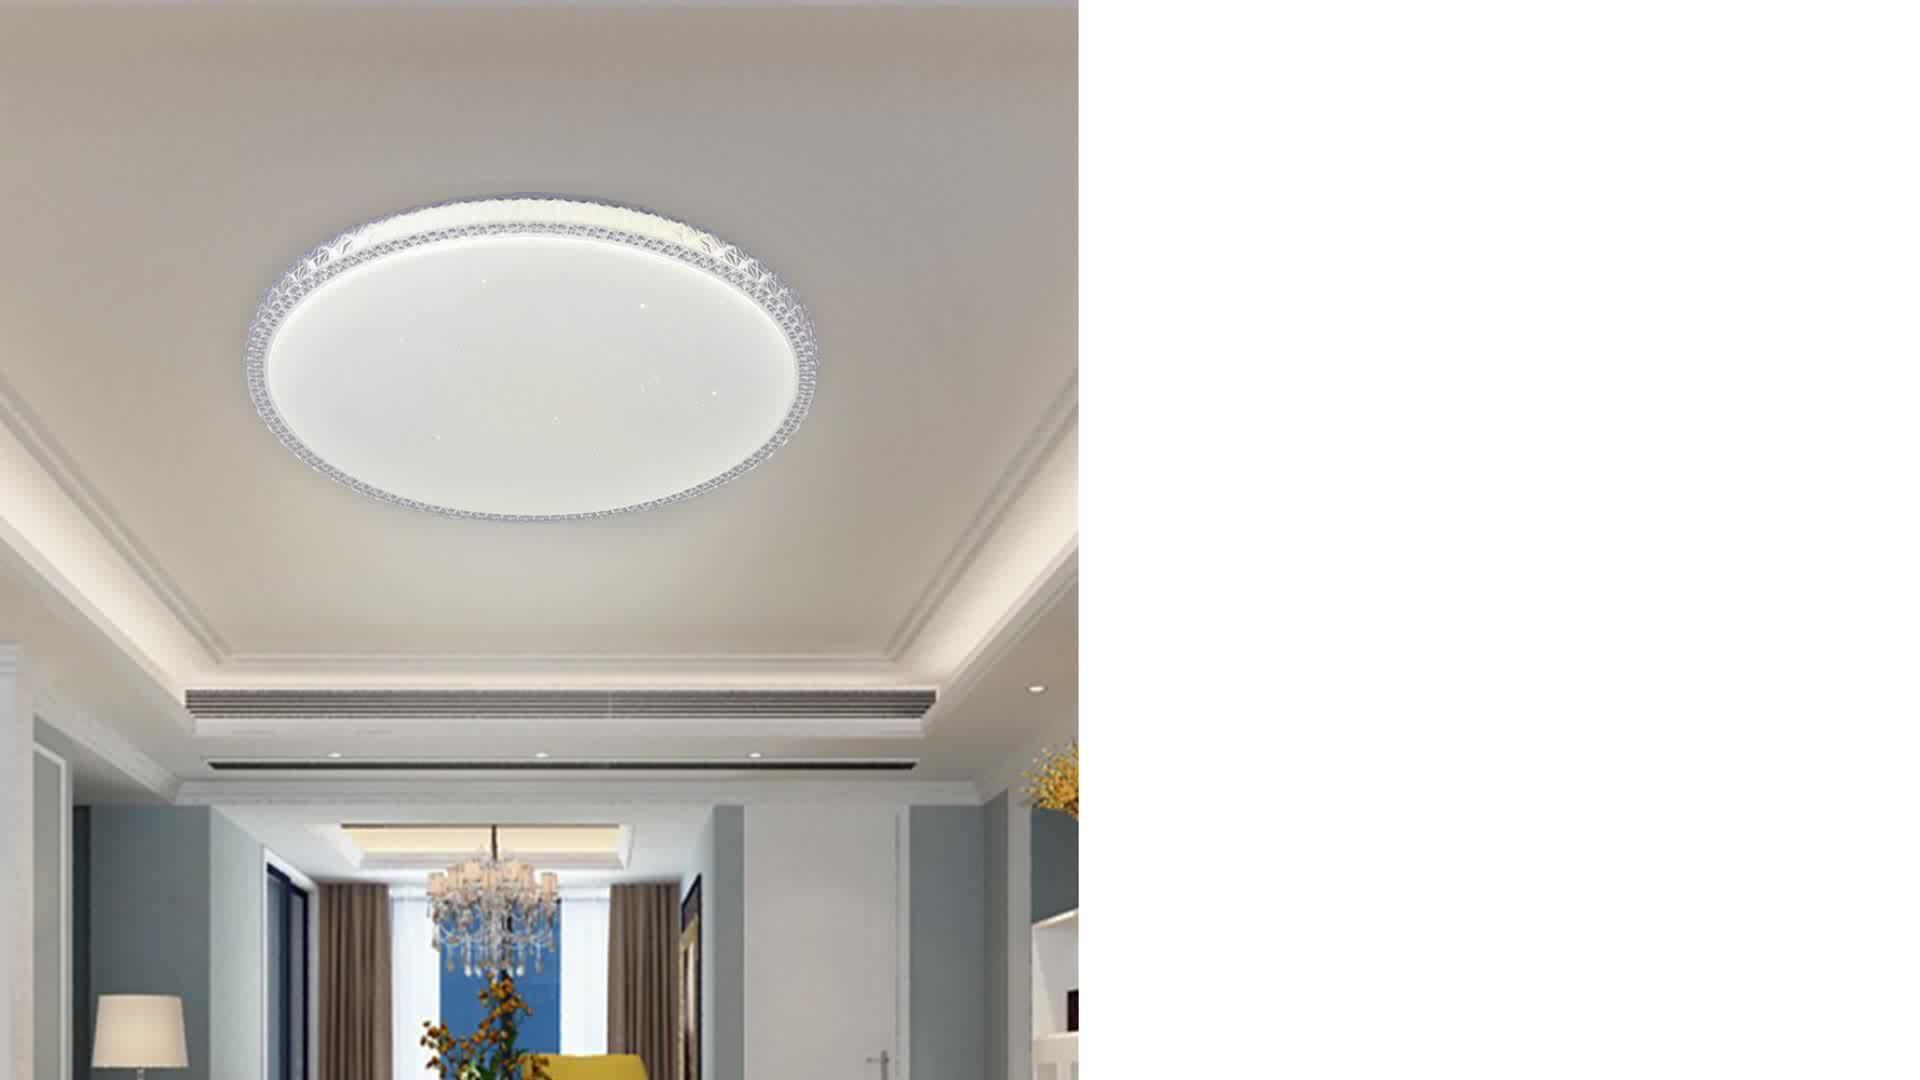 スマート rgb led 照明 36 ワット 48 ワット認定リビングルーム浴室廊下防水工場価格 led シーリングランプ